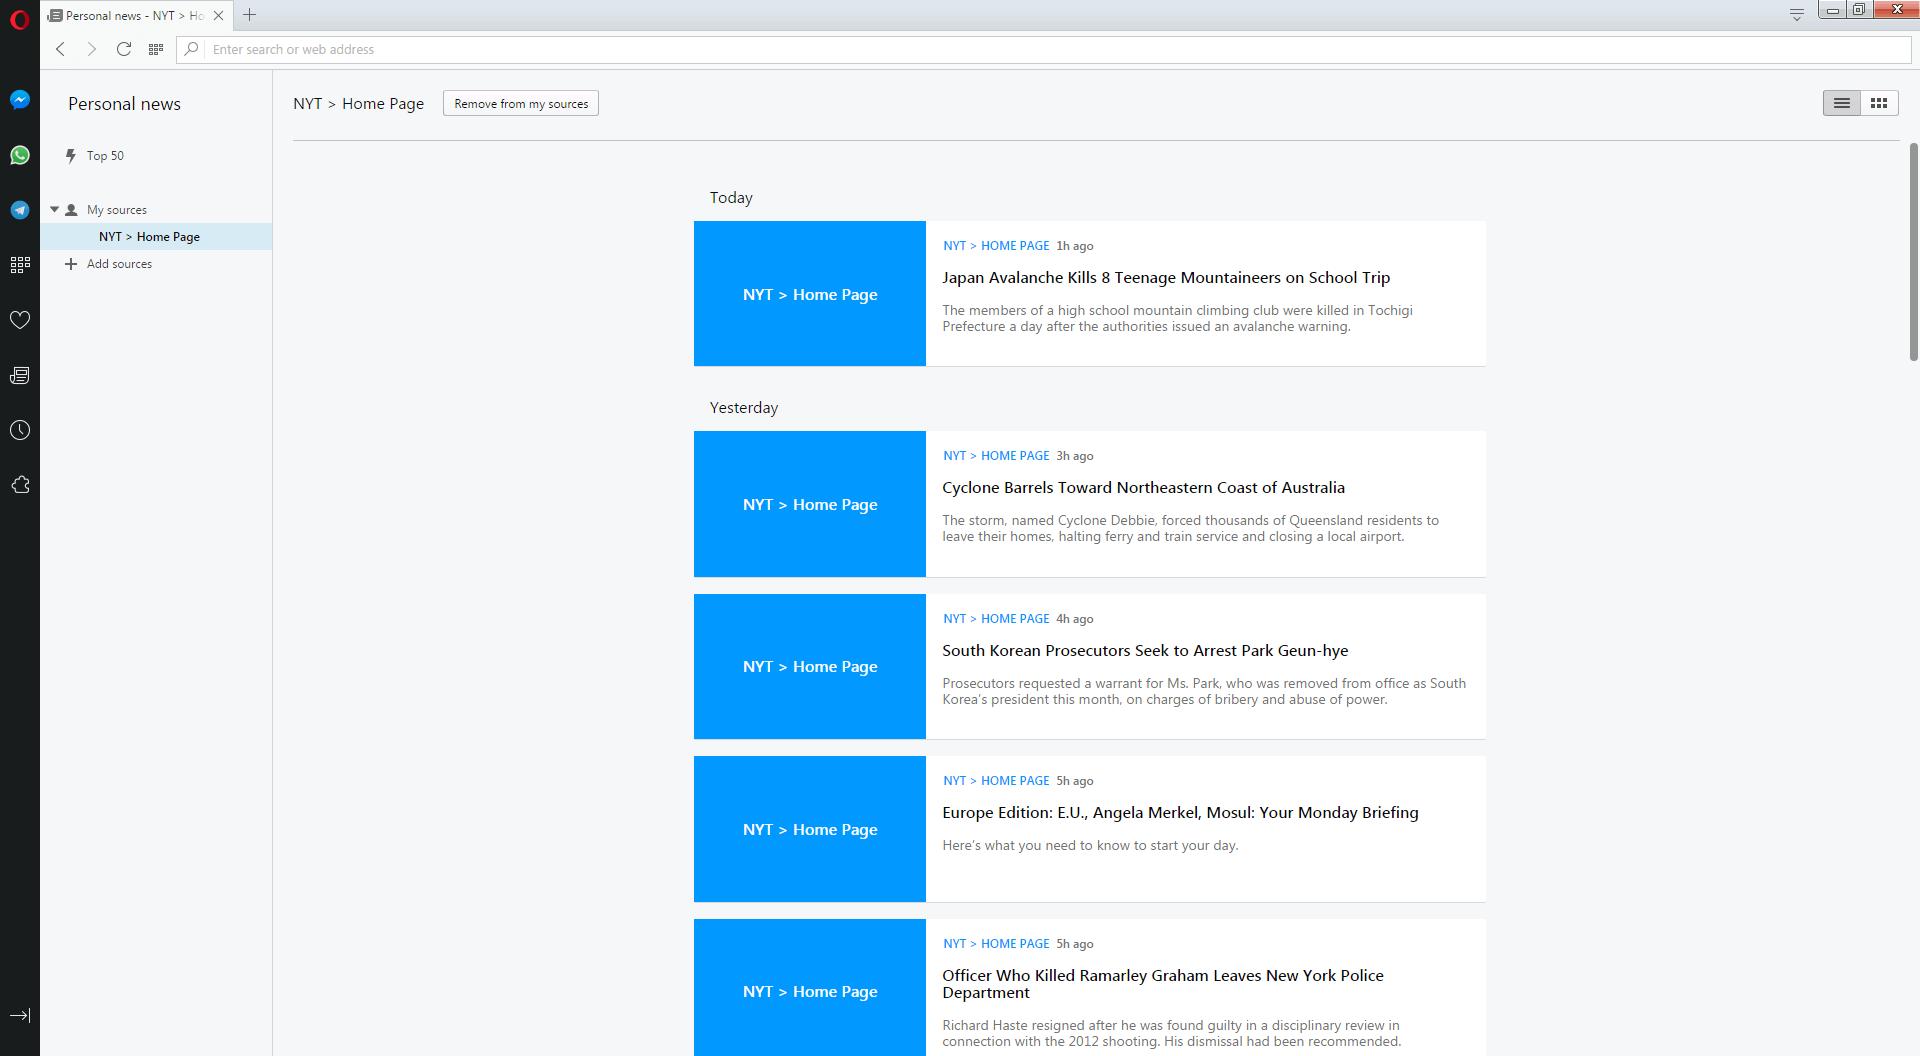 Come integrare i feed RSS sul proprio sito web - 1&1 IONOS